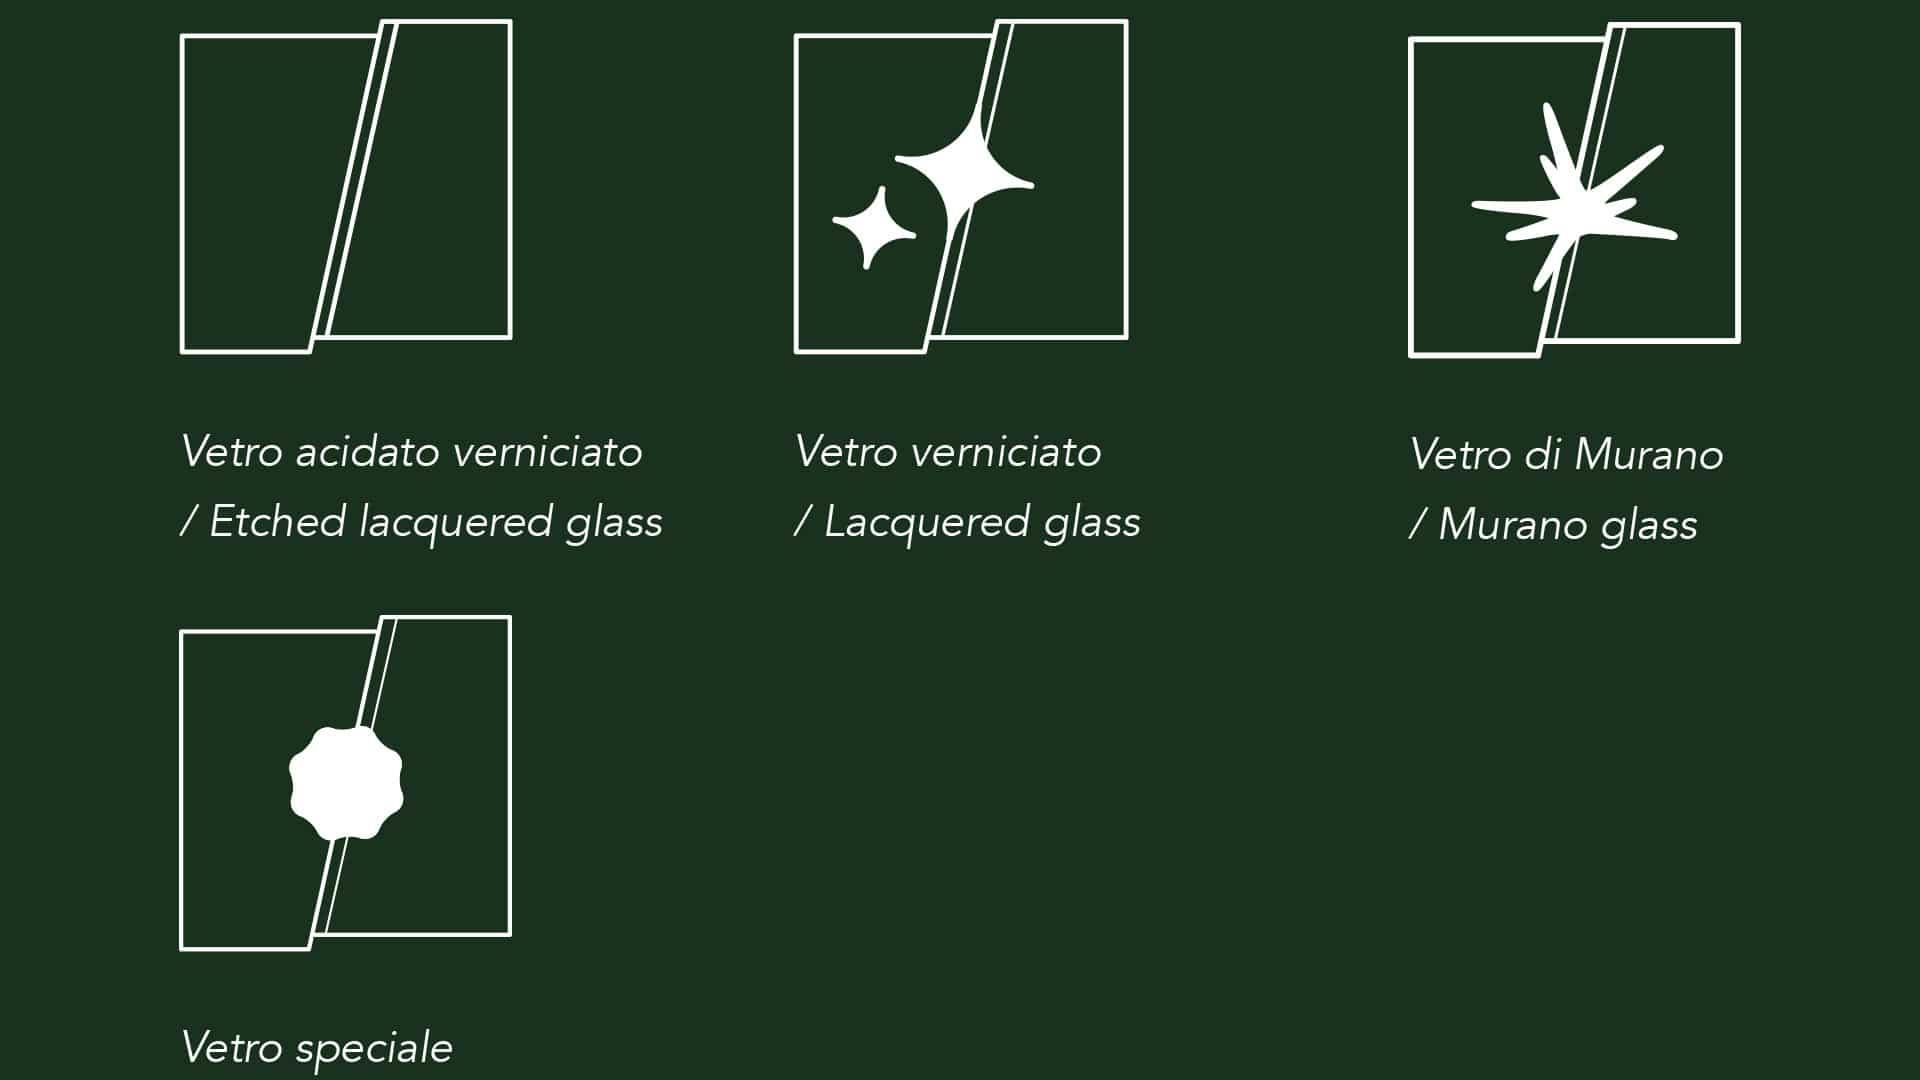 icone reflex materiali grafico milano 02